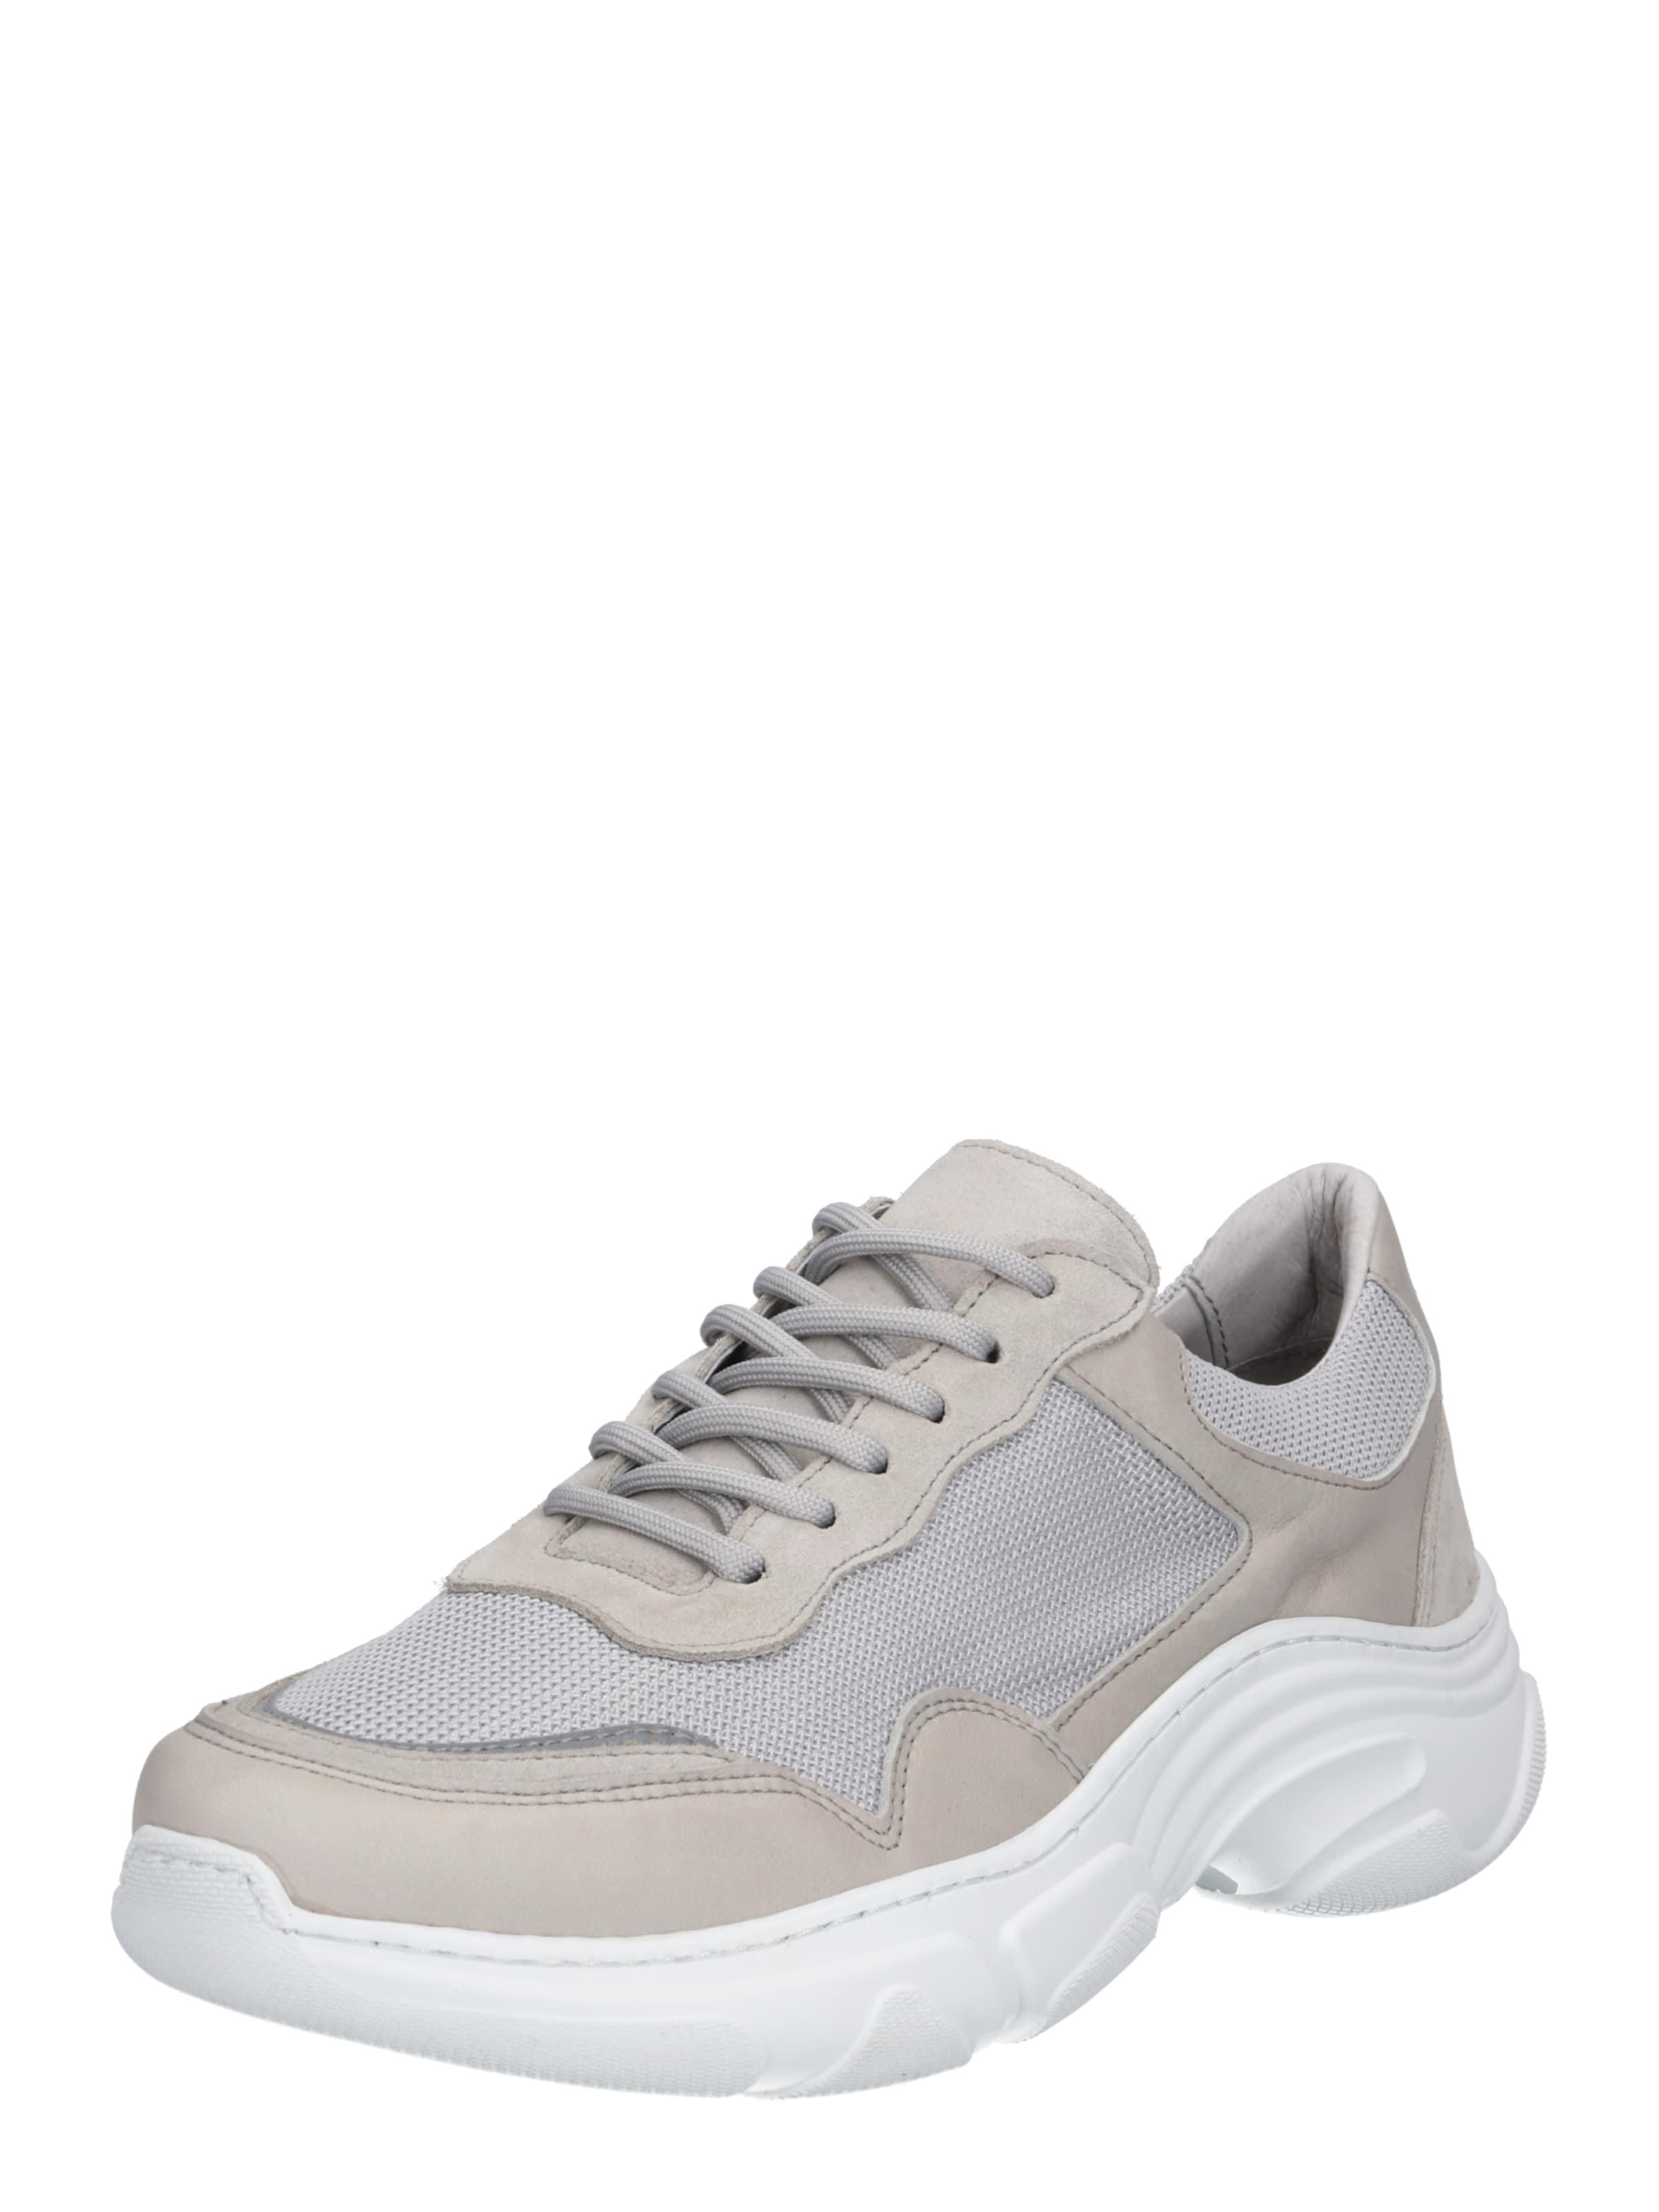 'flex' HellgrauWeiß Garment Project Sneaker In 3Lqj5R4A